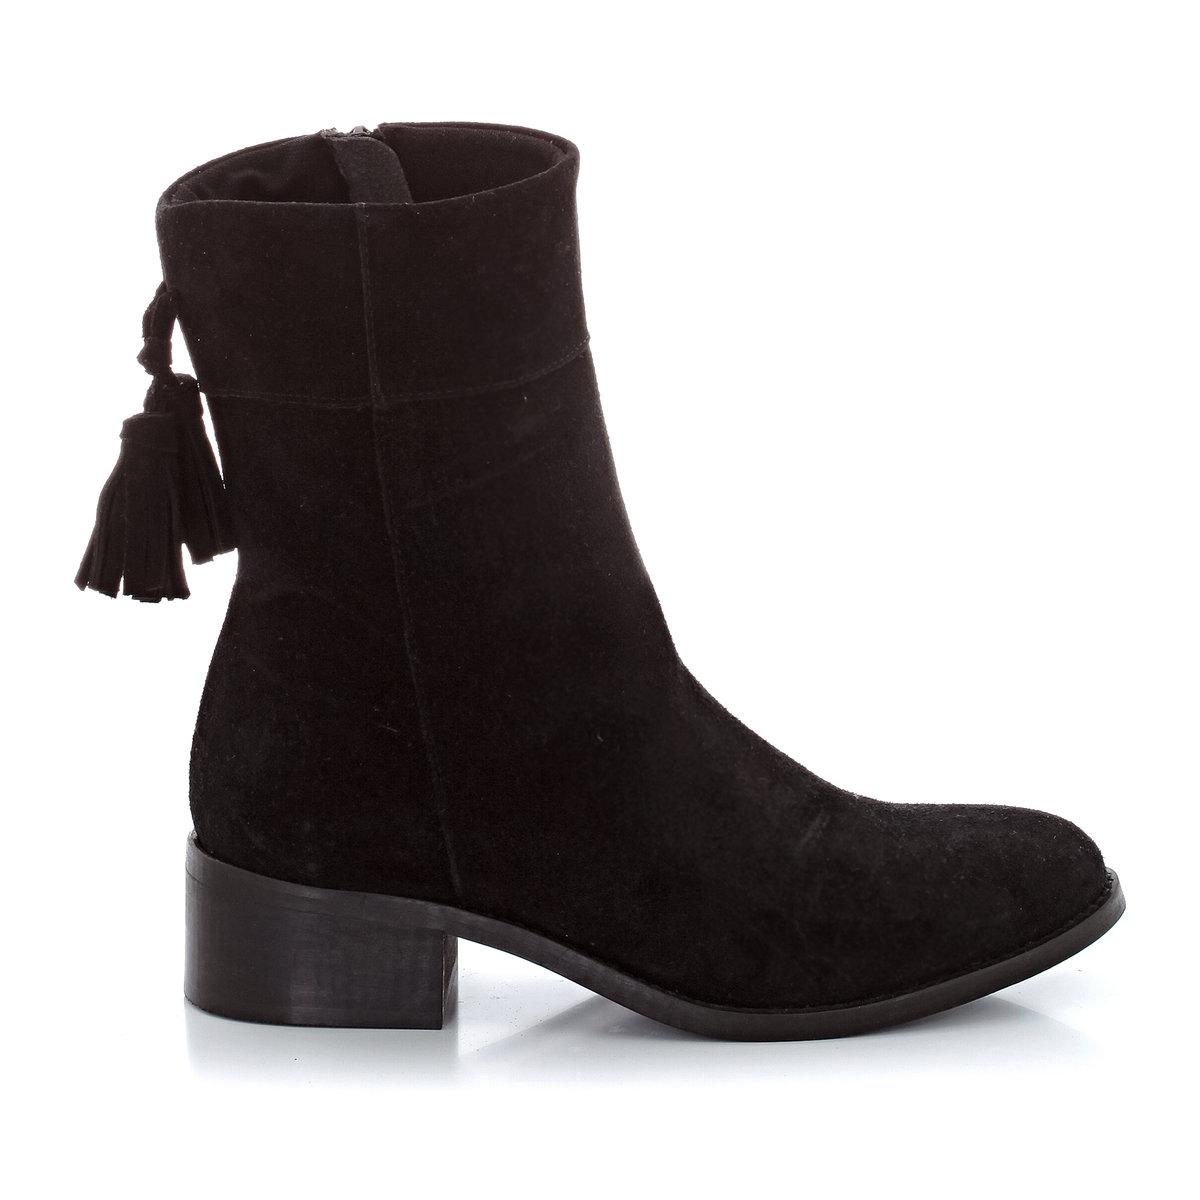 Ботинки кожаные с кисточкамиВерх : невыделанная кожаПодкладка : кожаСтелька : кожаПодошва : эластомерЗастежка : молния сбокуПреимущества : оригинальные кисточки сзади.<br><br>Цвет: темно-коричневый,черный<br>Размер: 38